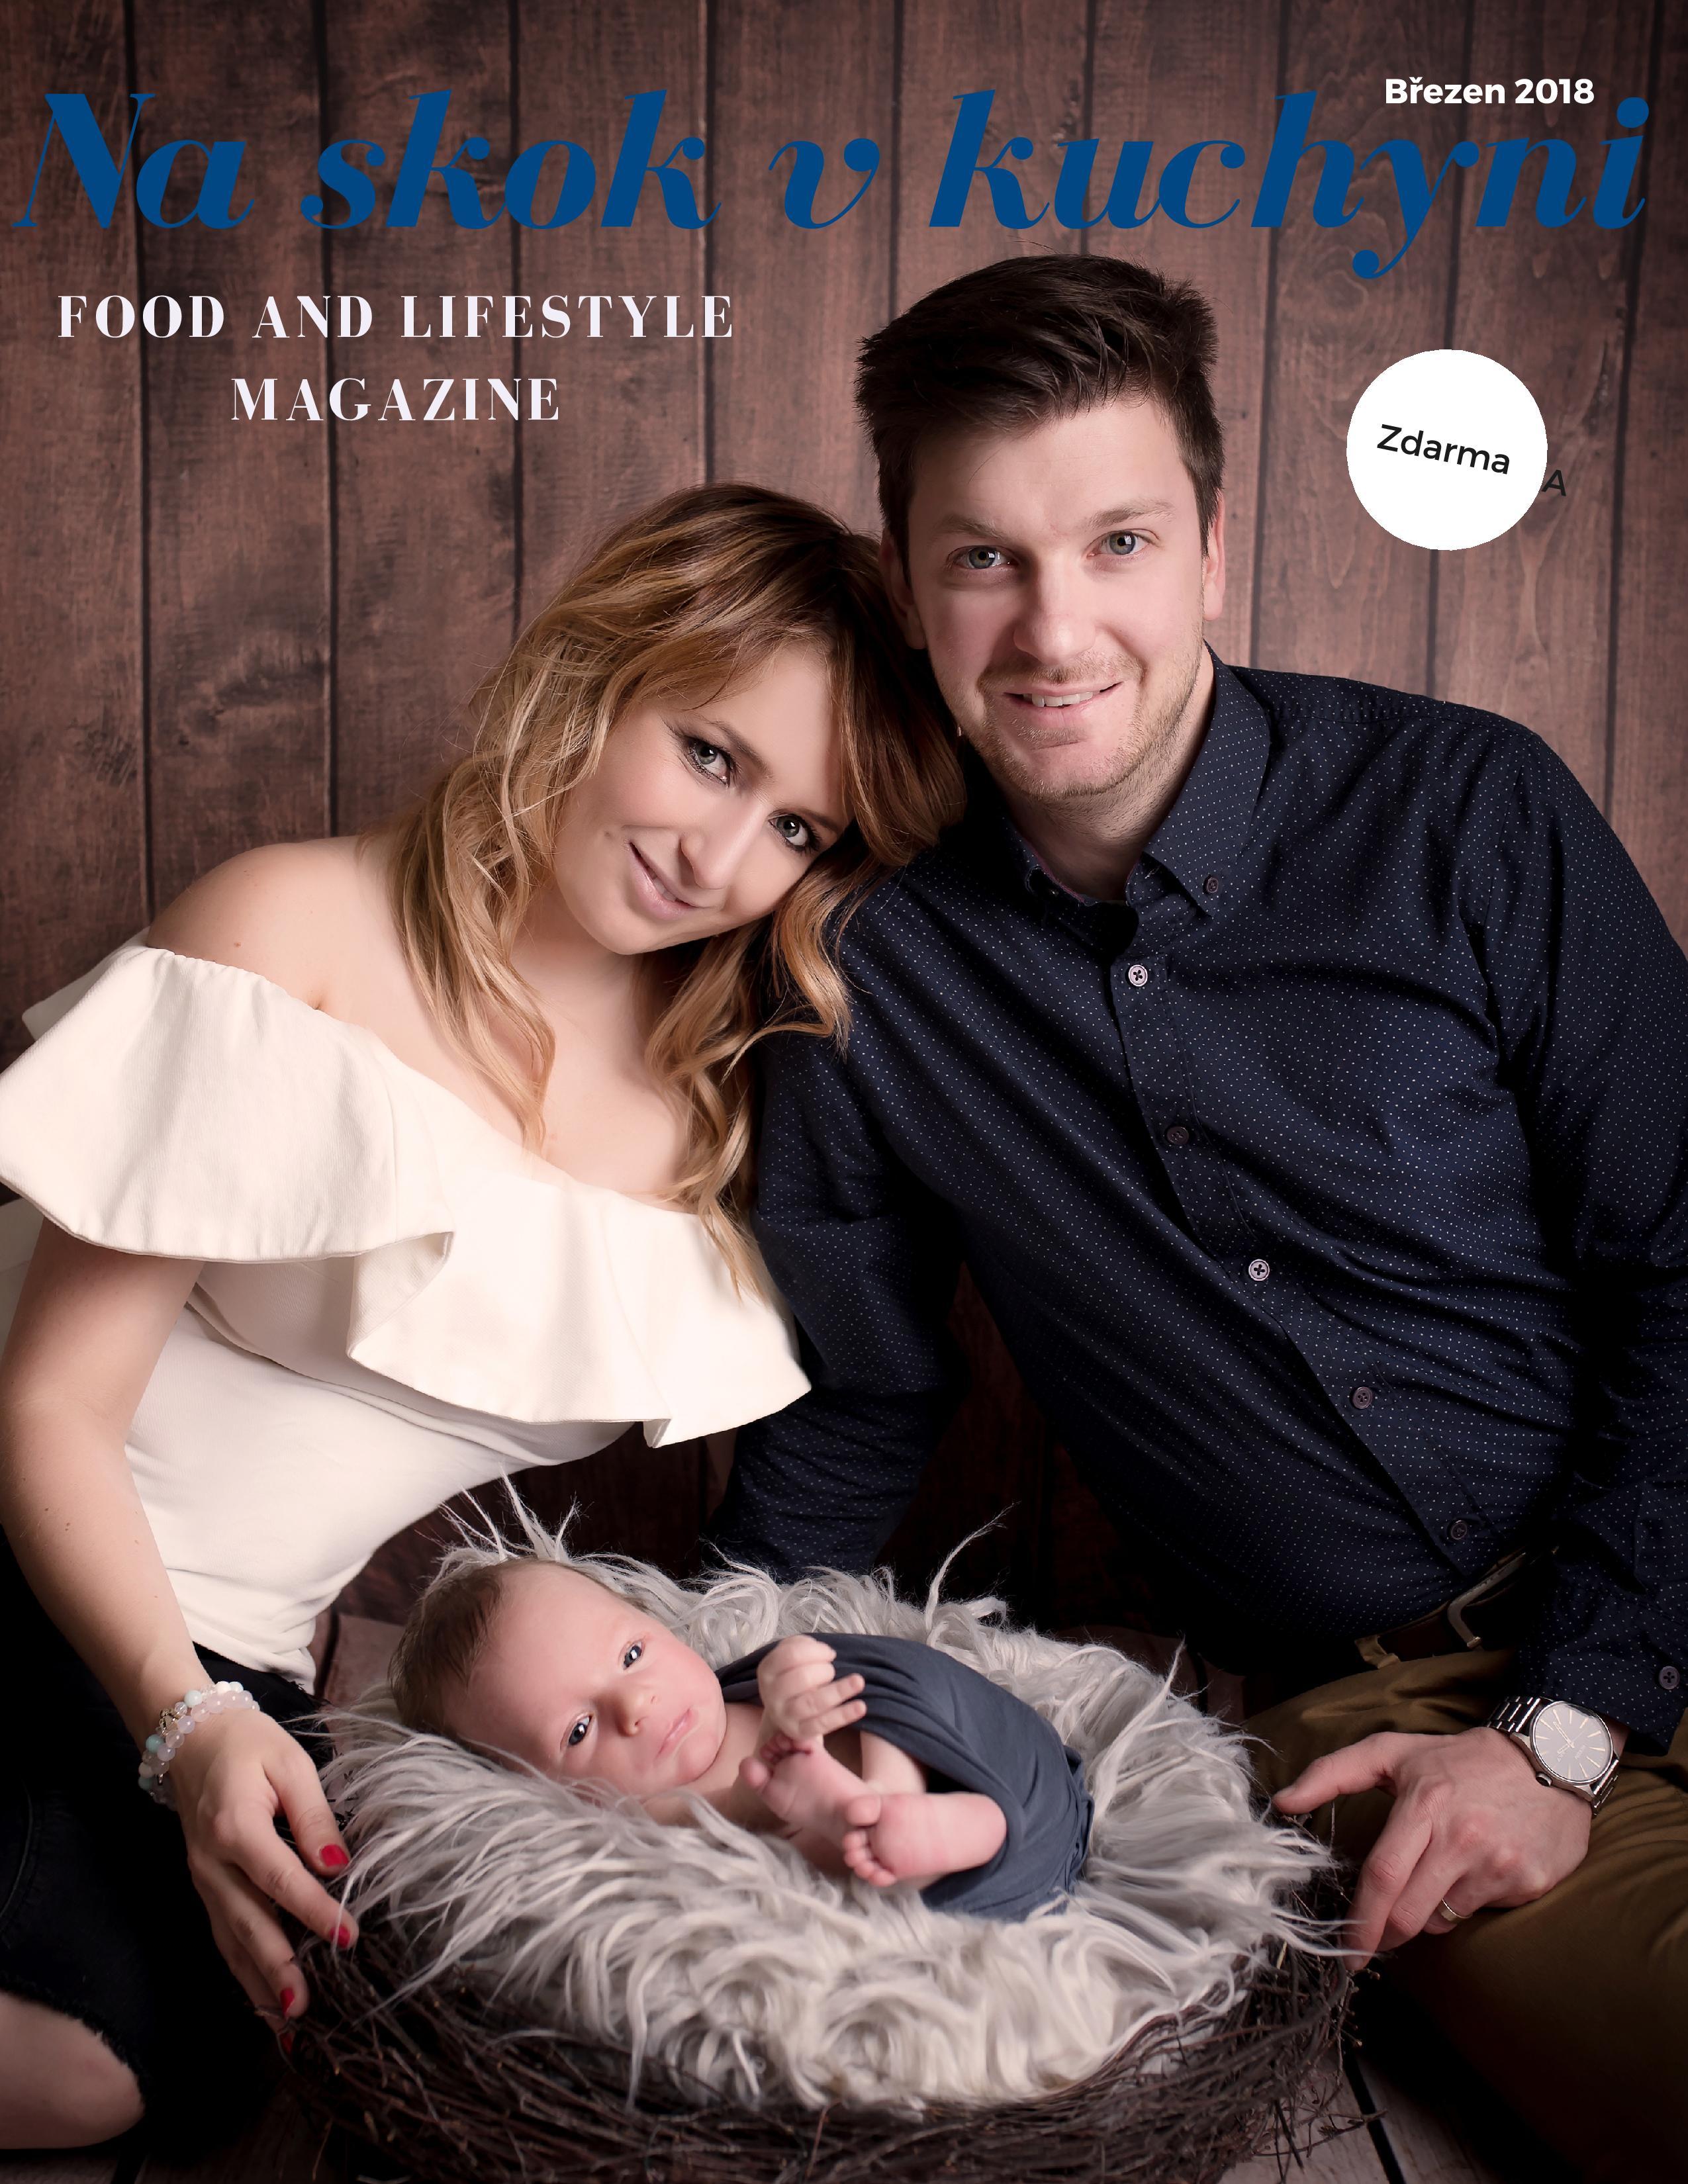 Magazín Na skok v kuchyni březen 201